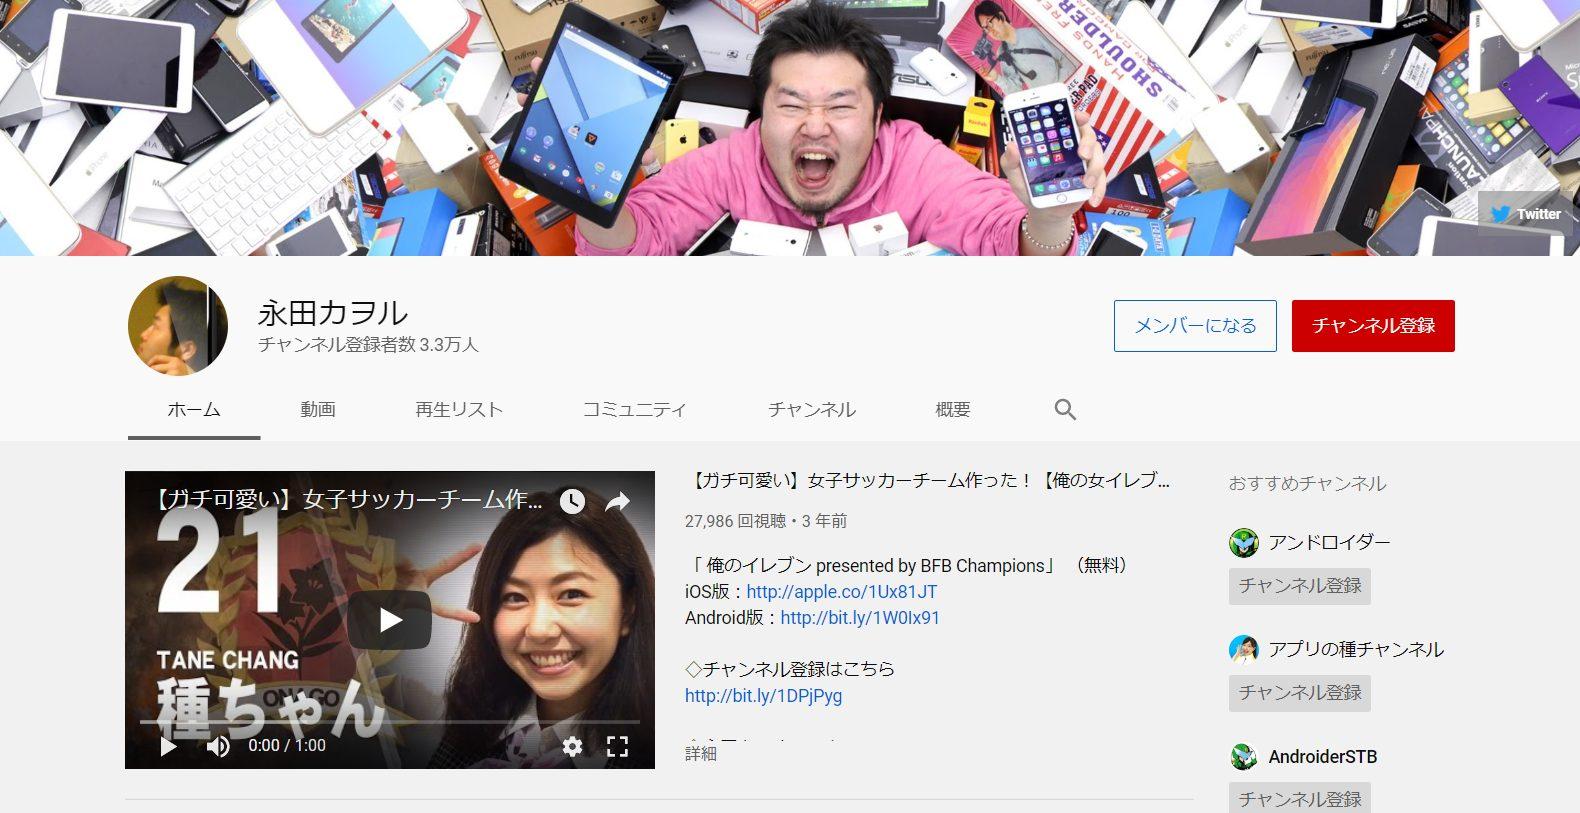 gadget-influencer-kaoru-nagata